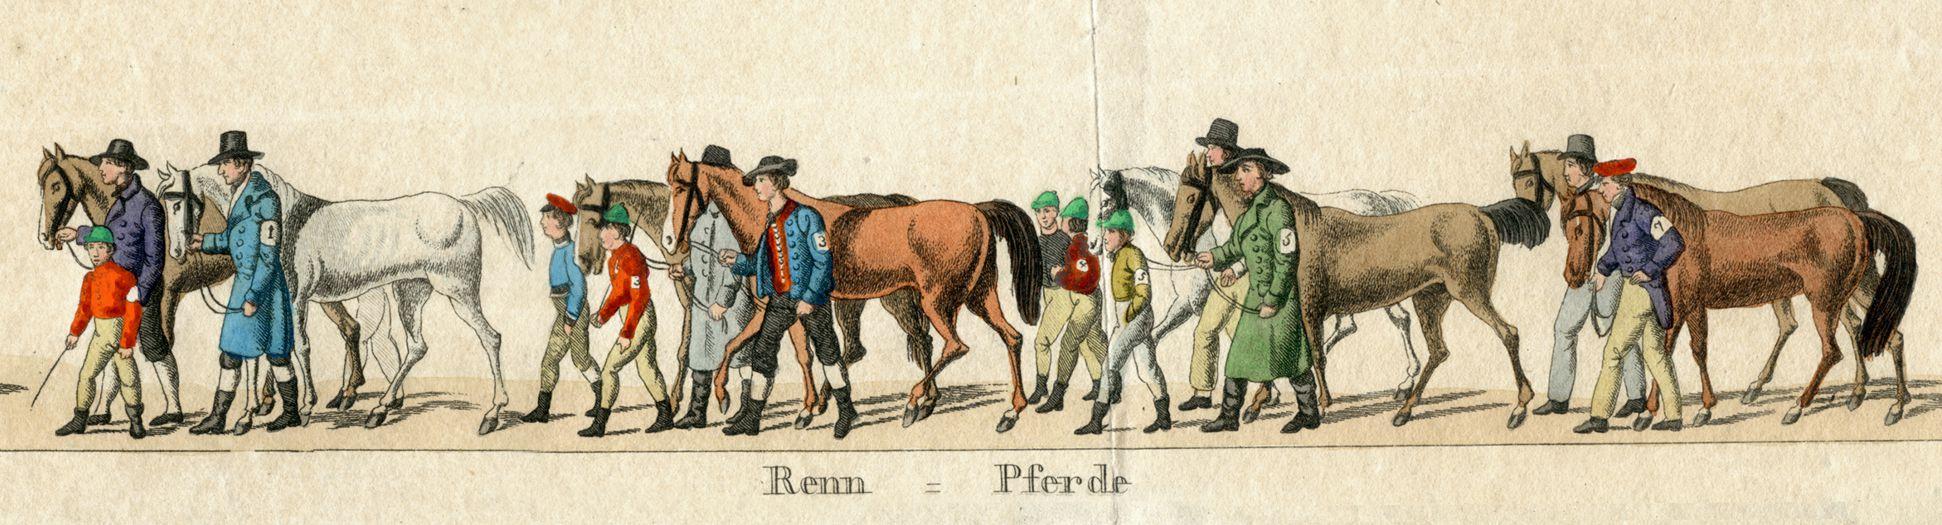 Das Volksfest in Nürnberg. II. zweite Zeile von oben, Renn = Pferde